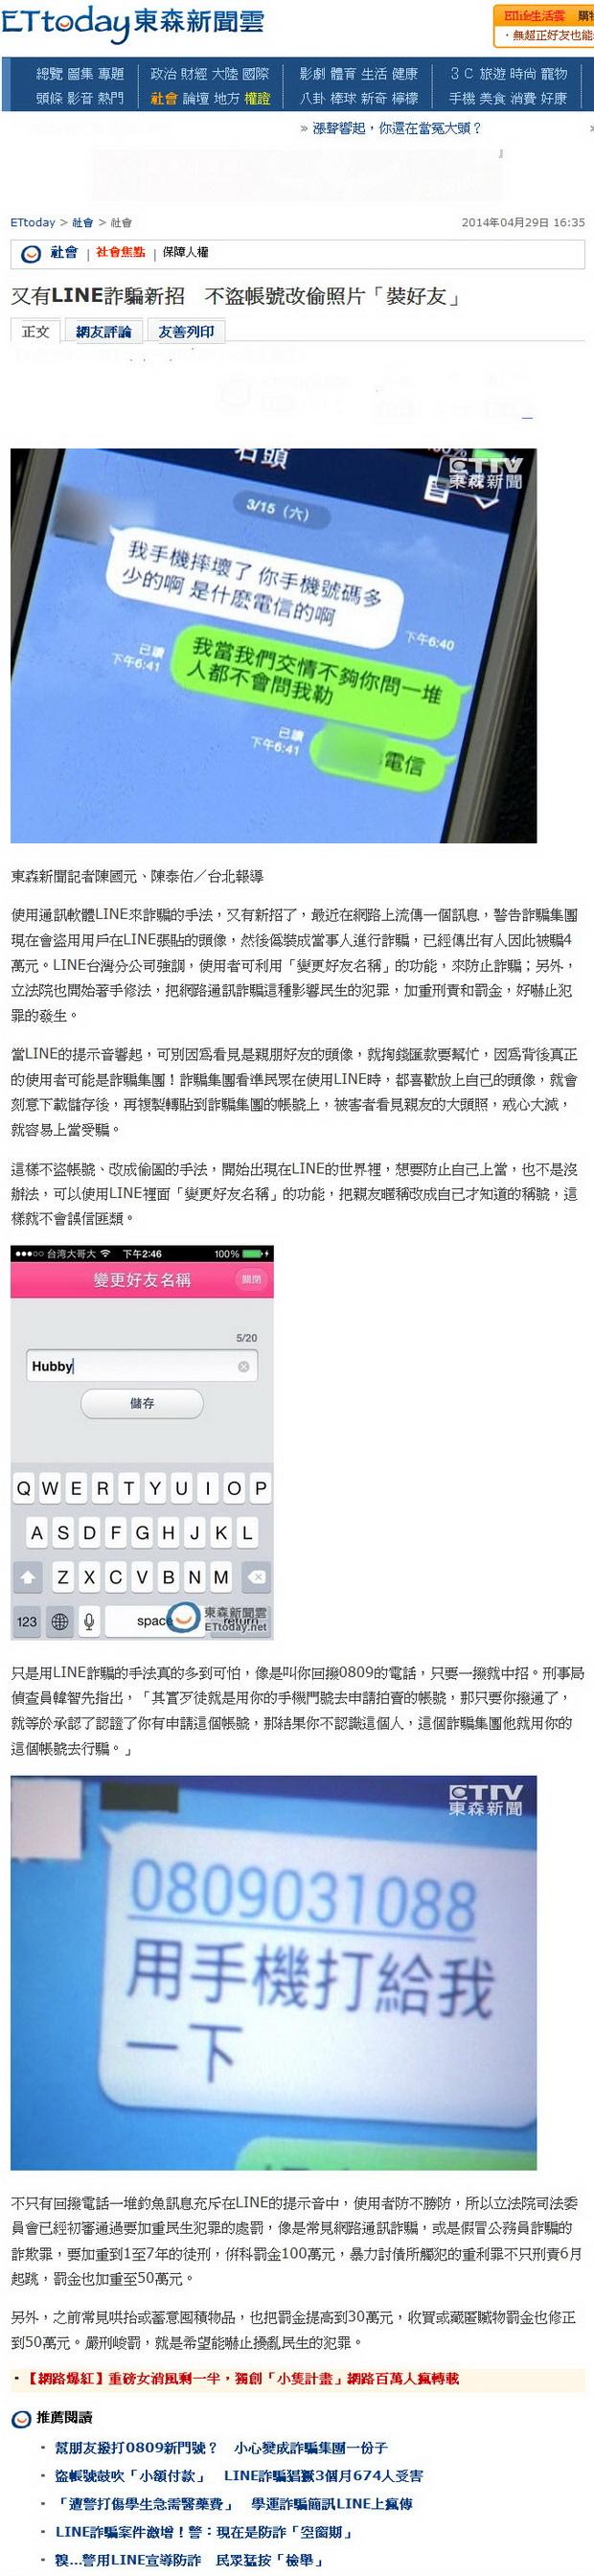 又有LINE詐騙新招 不盜帳號改偷照片「裝好友」-2014.04.29.jpg